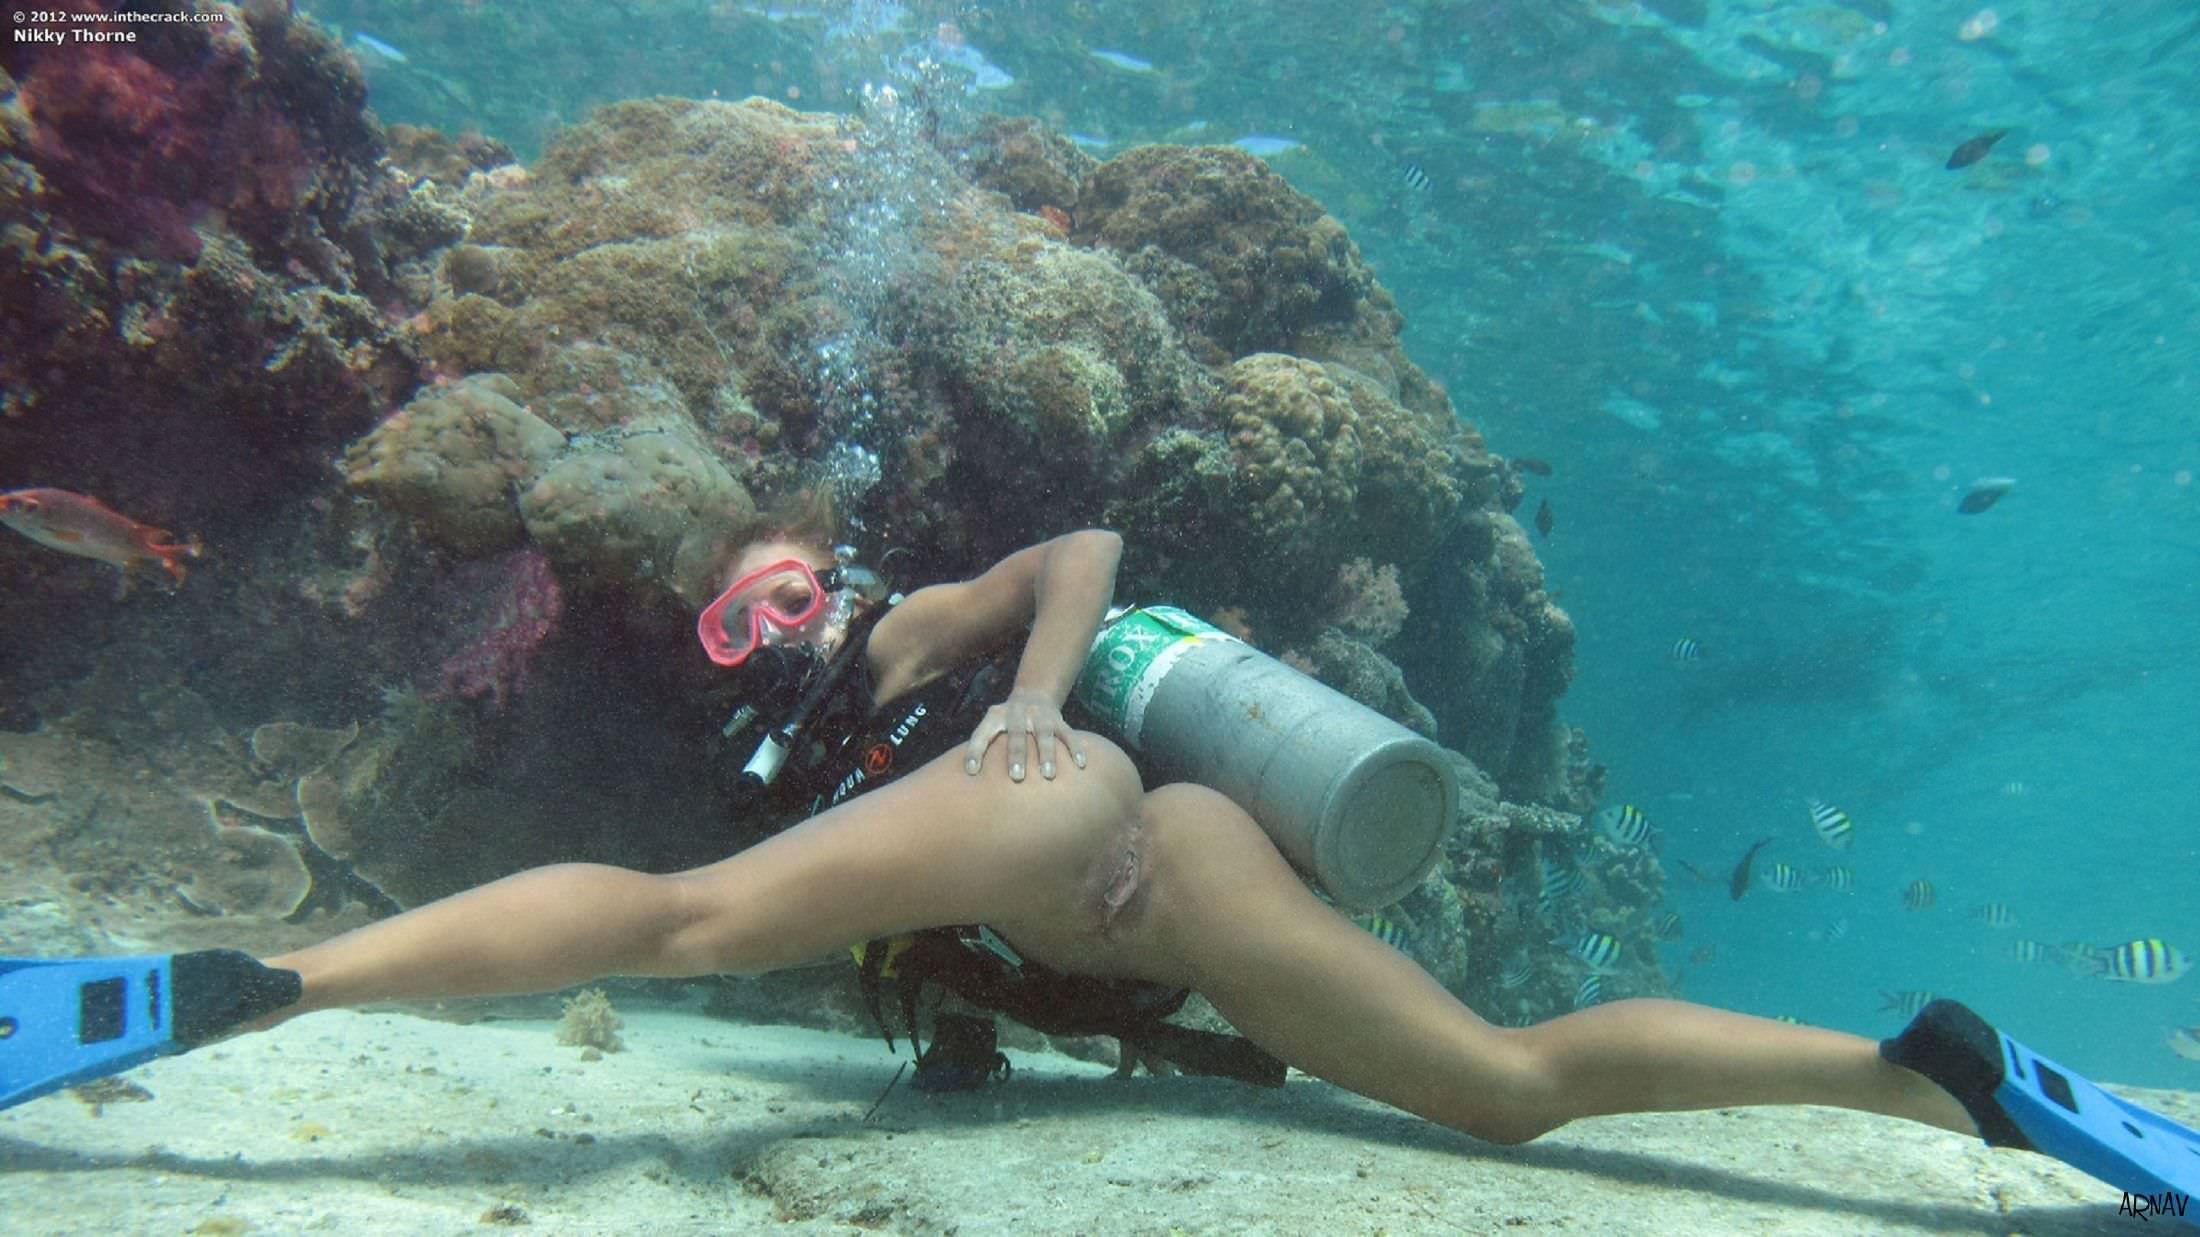 скачать торрент эротика девушка под водой с аквалангом